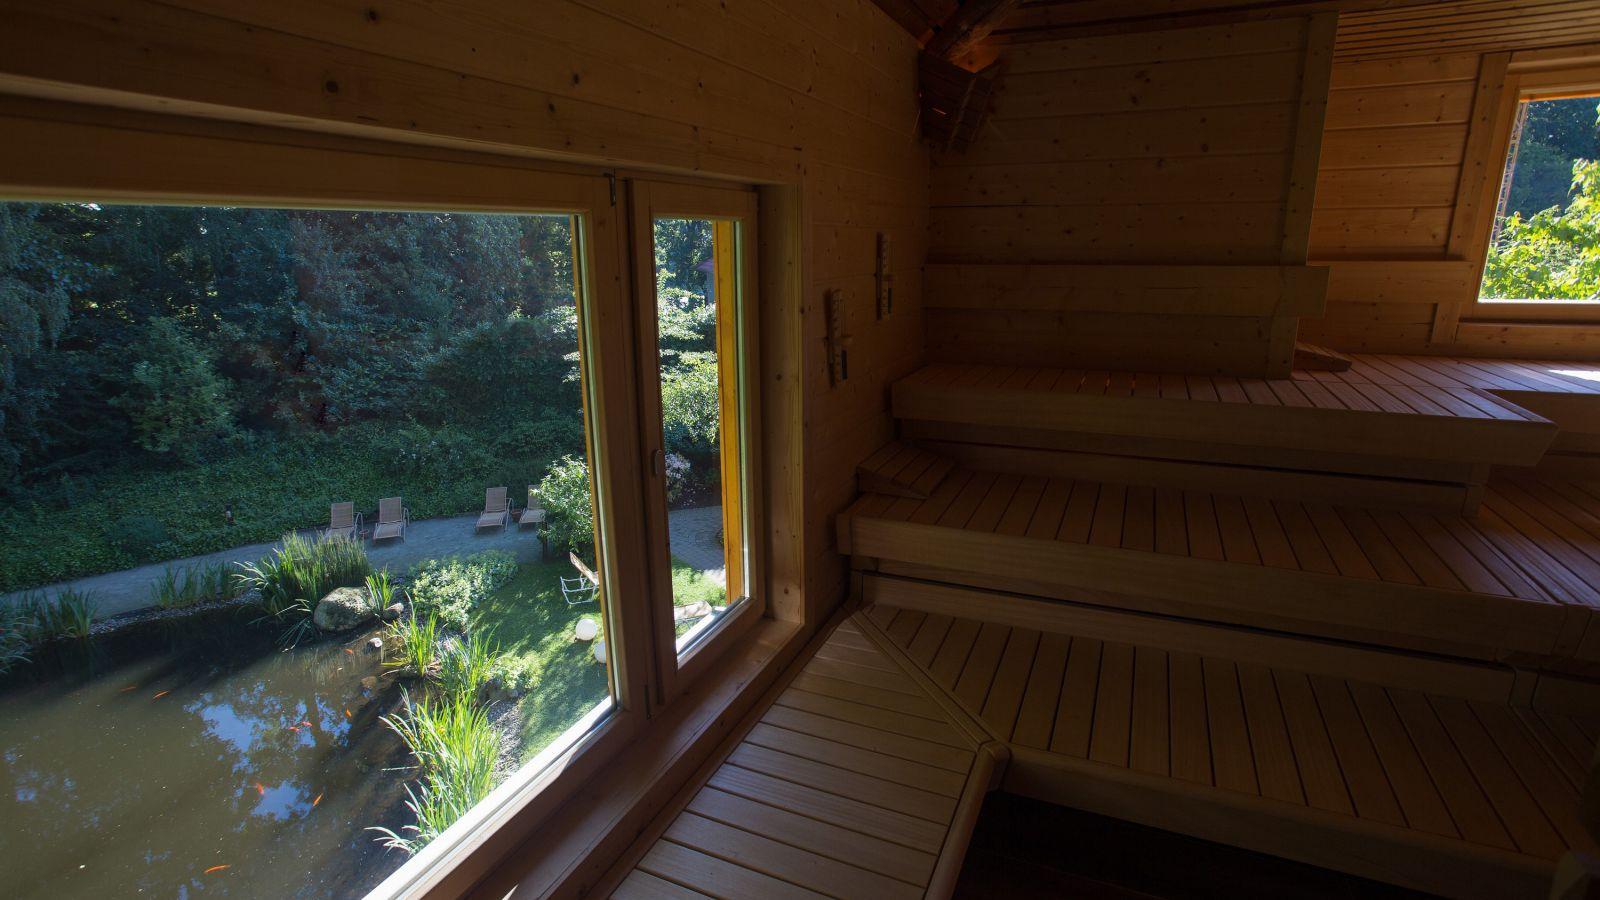 3.1 Zur Saunalandschaft der passende Saunagarten - im Inselbad Bahia in Bocholt